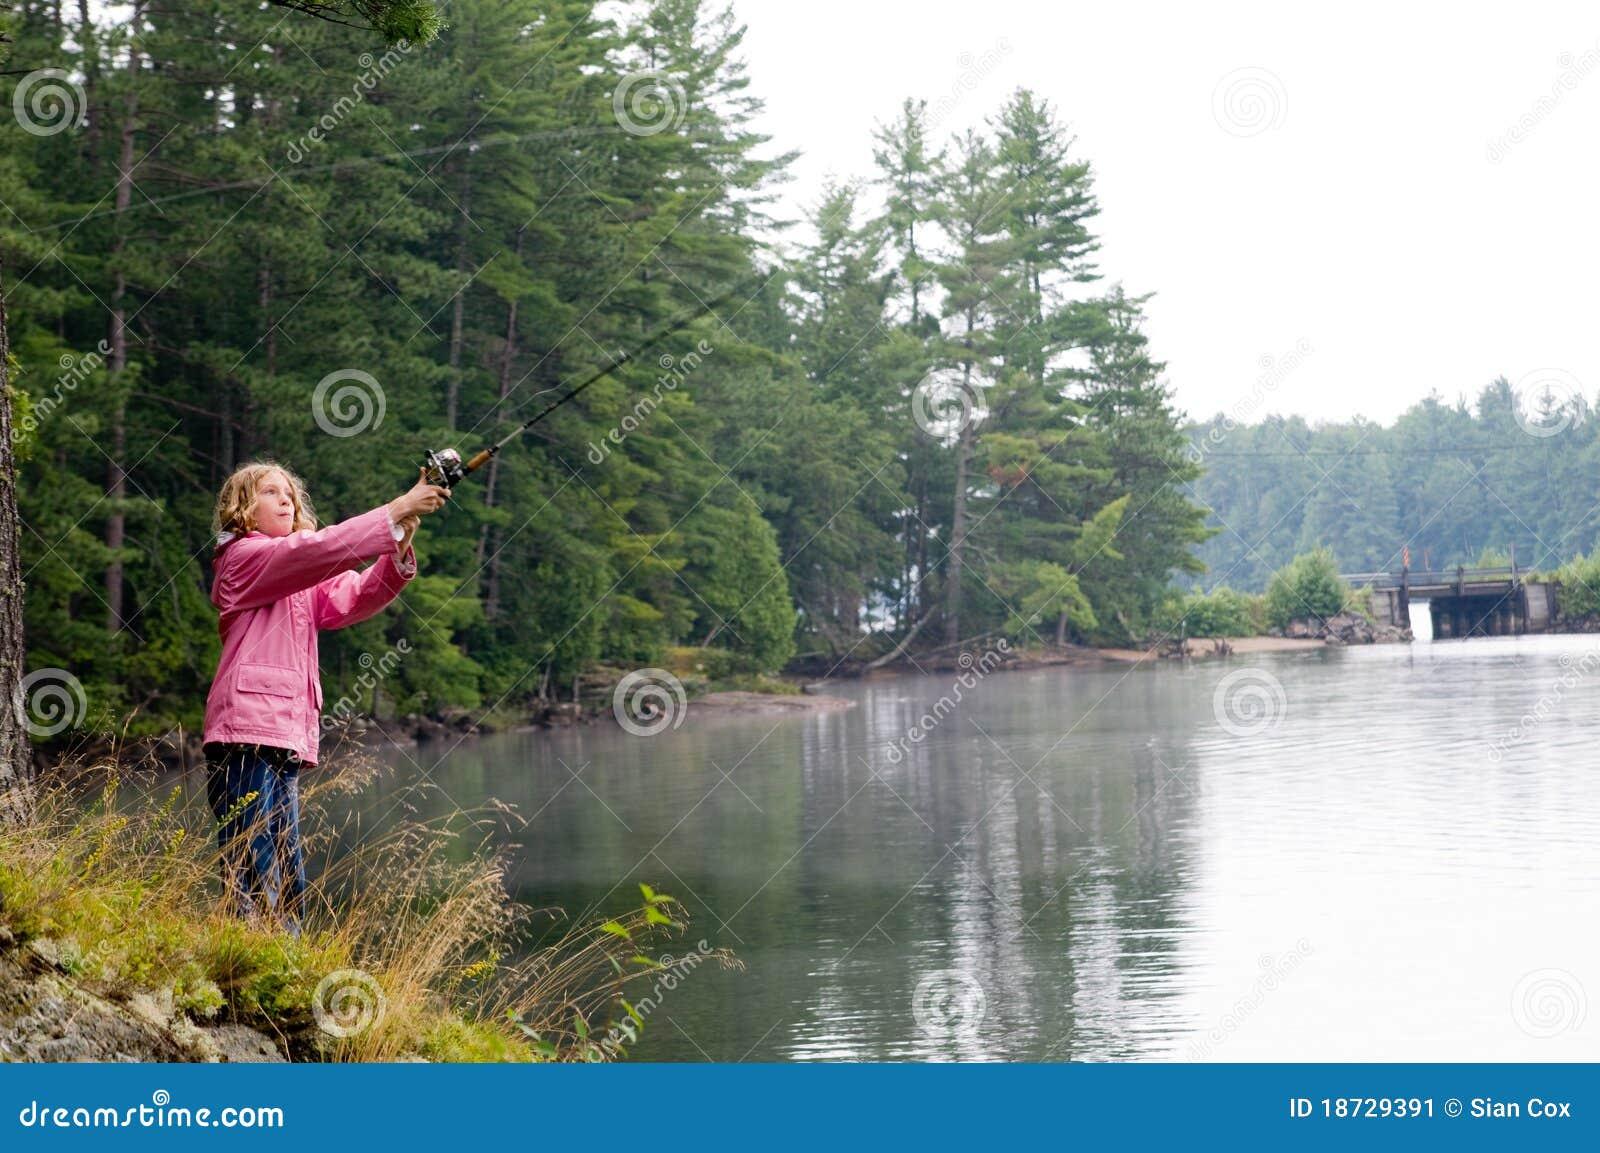 Girl fishing on the bank of a lake stock image image for Banks lake fishing